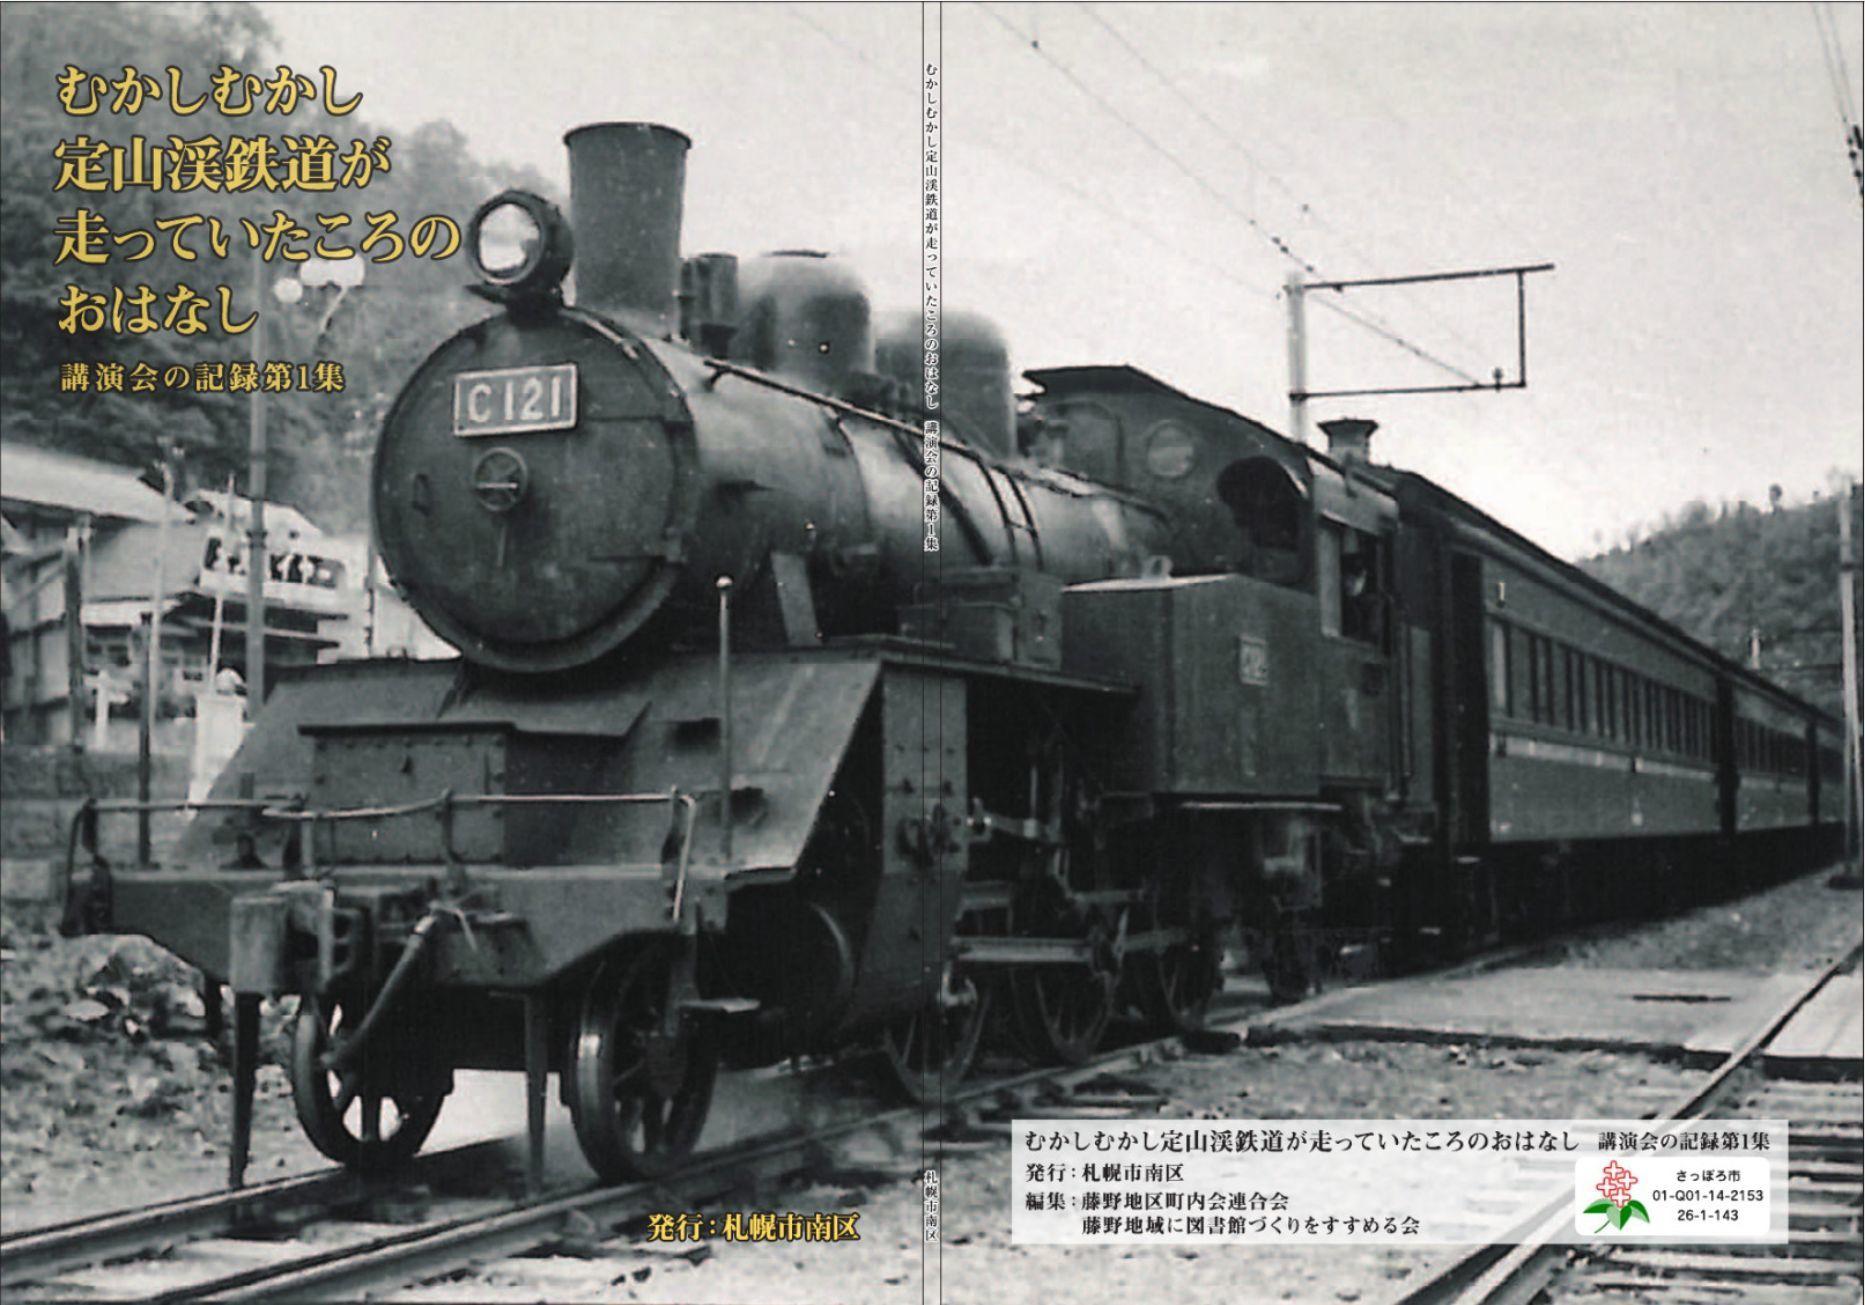 むかしむかし、札幌には定山渓鉄道が走っていた_c0025115_22131234.jpg